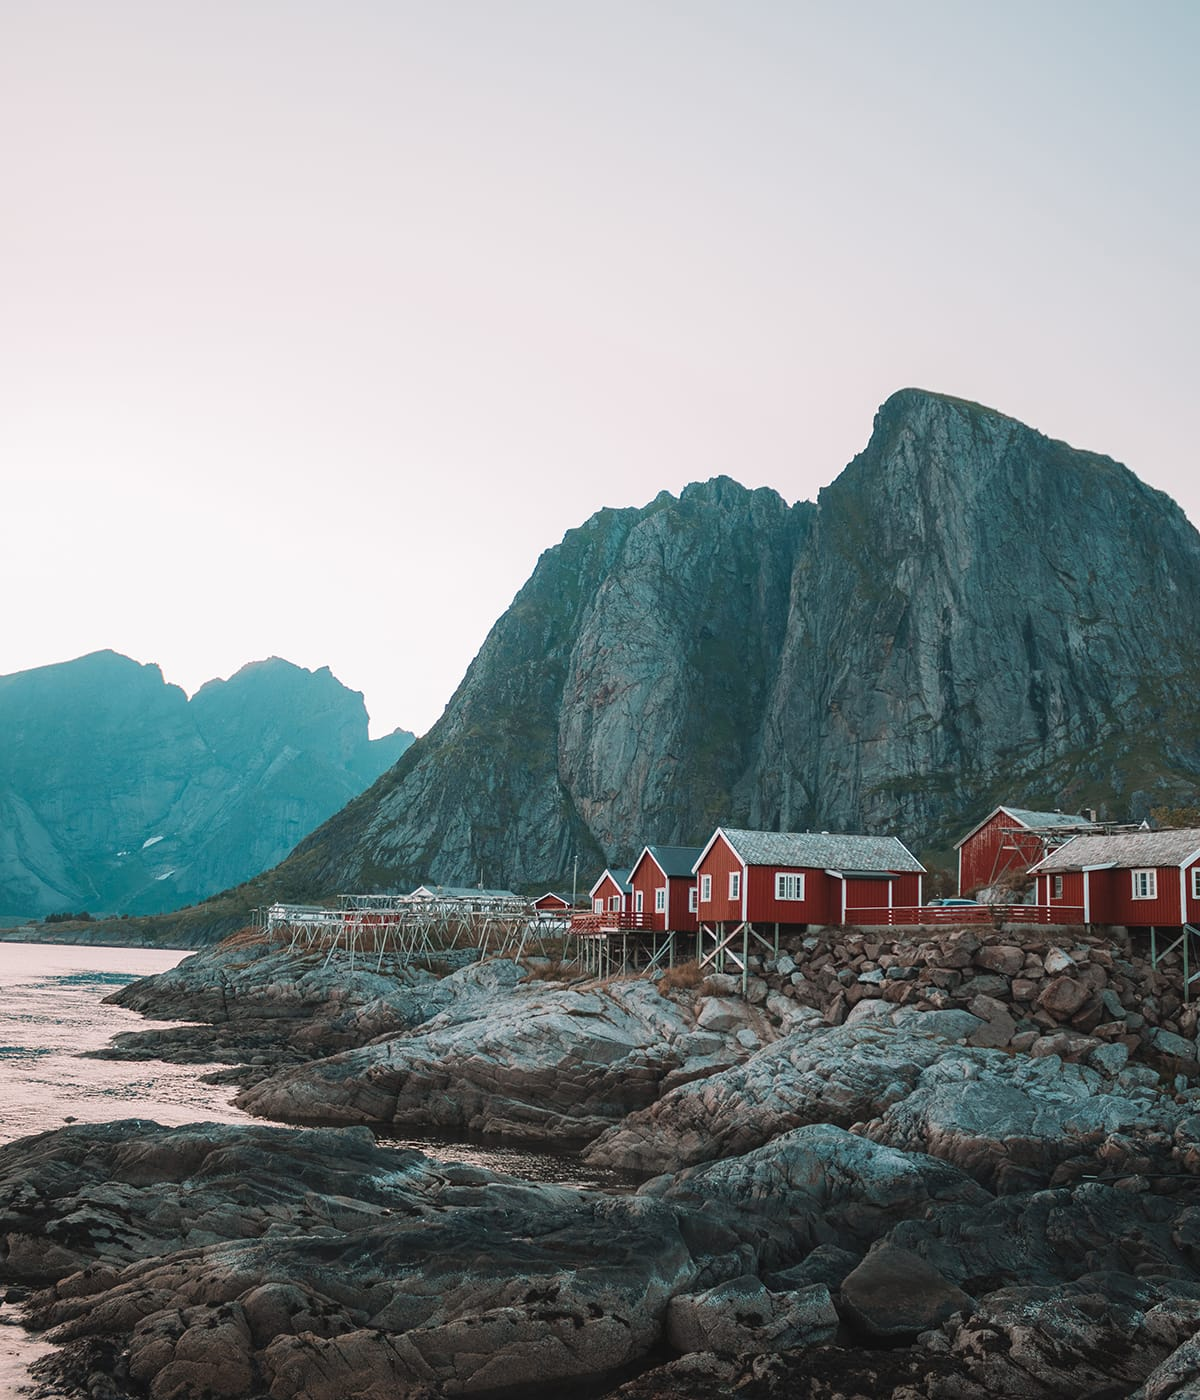 Traditionelle norwegische Spezialitäten basieren auf den Erzeugnissen, die es in Norwegen und in der Umgebung gibt.